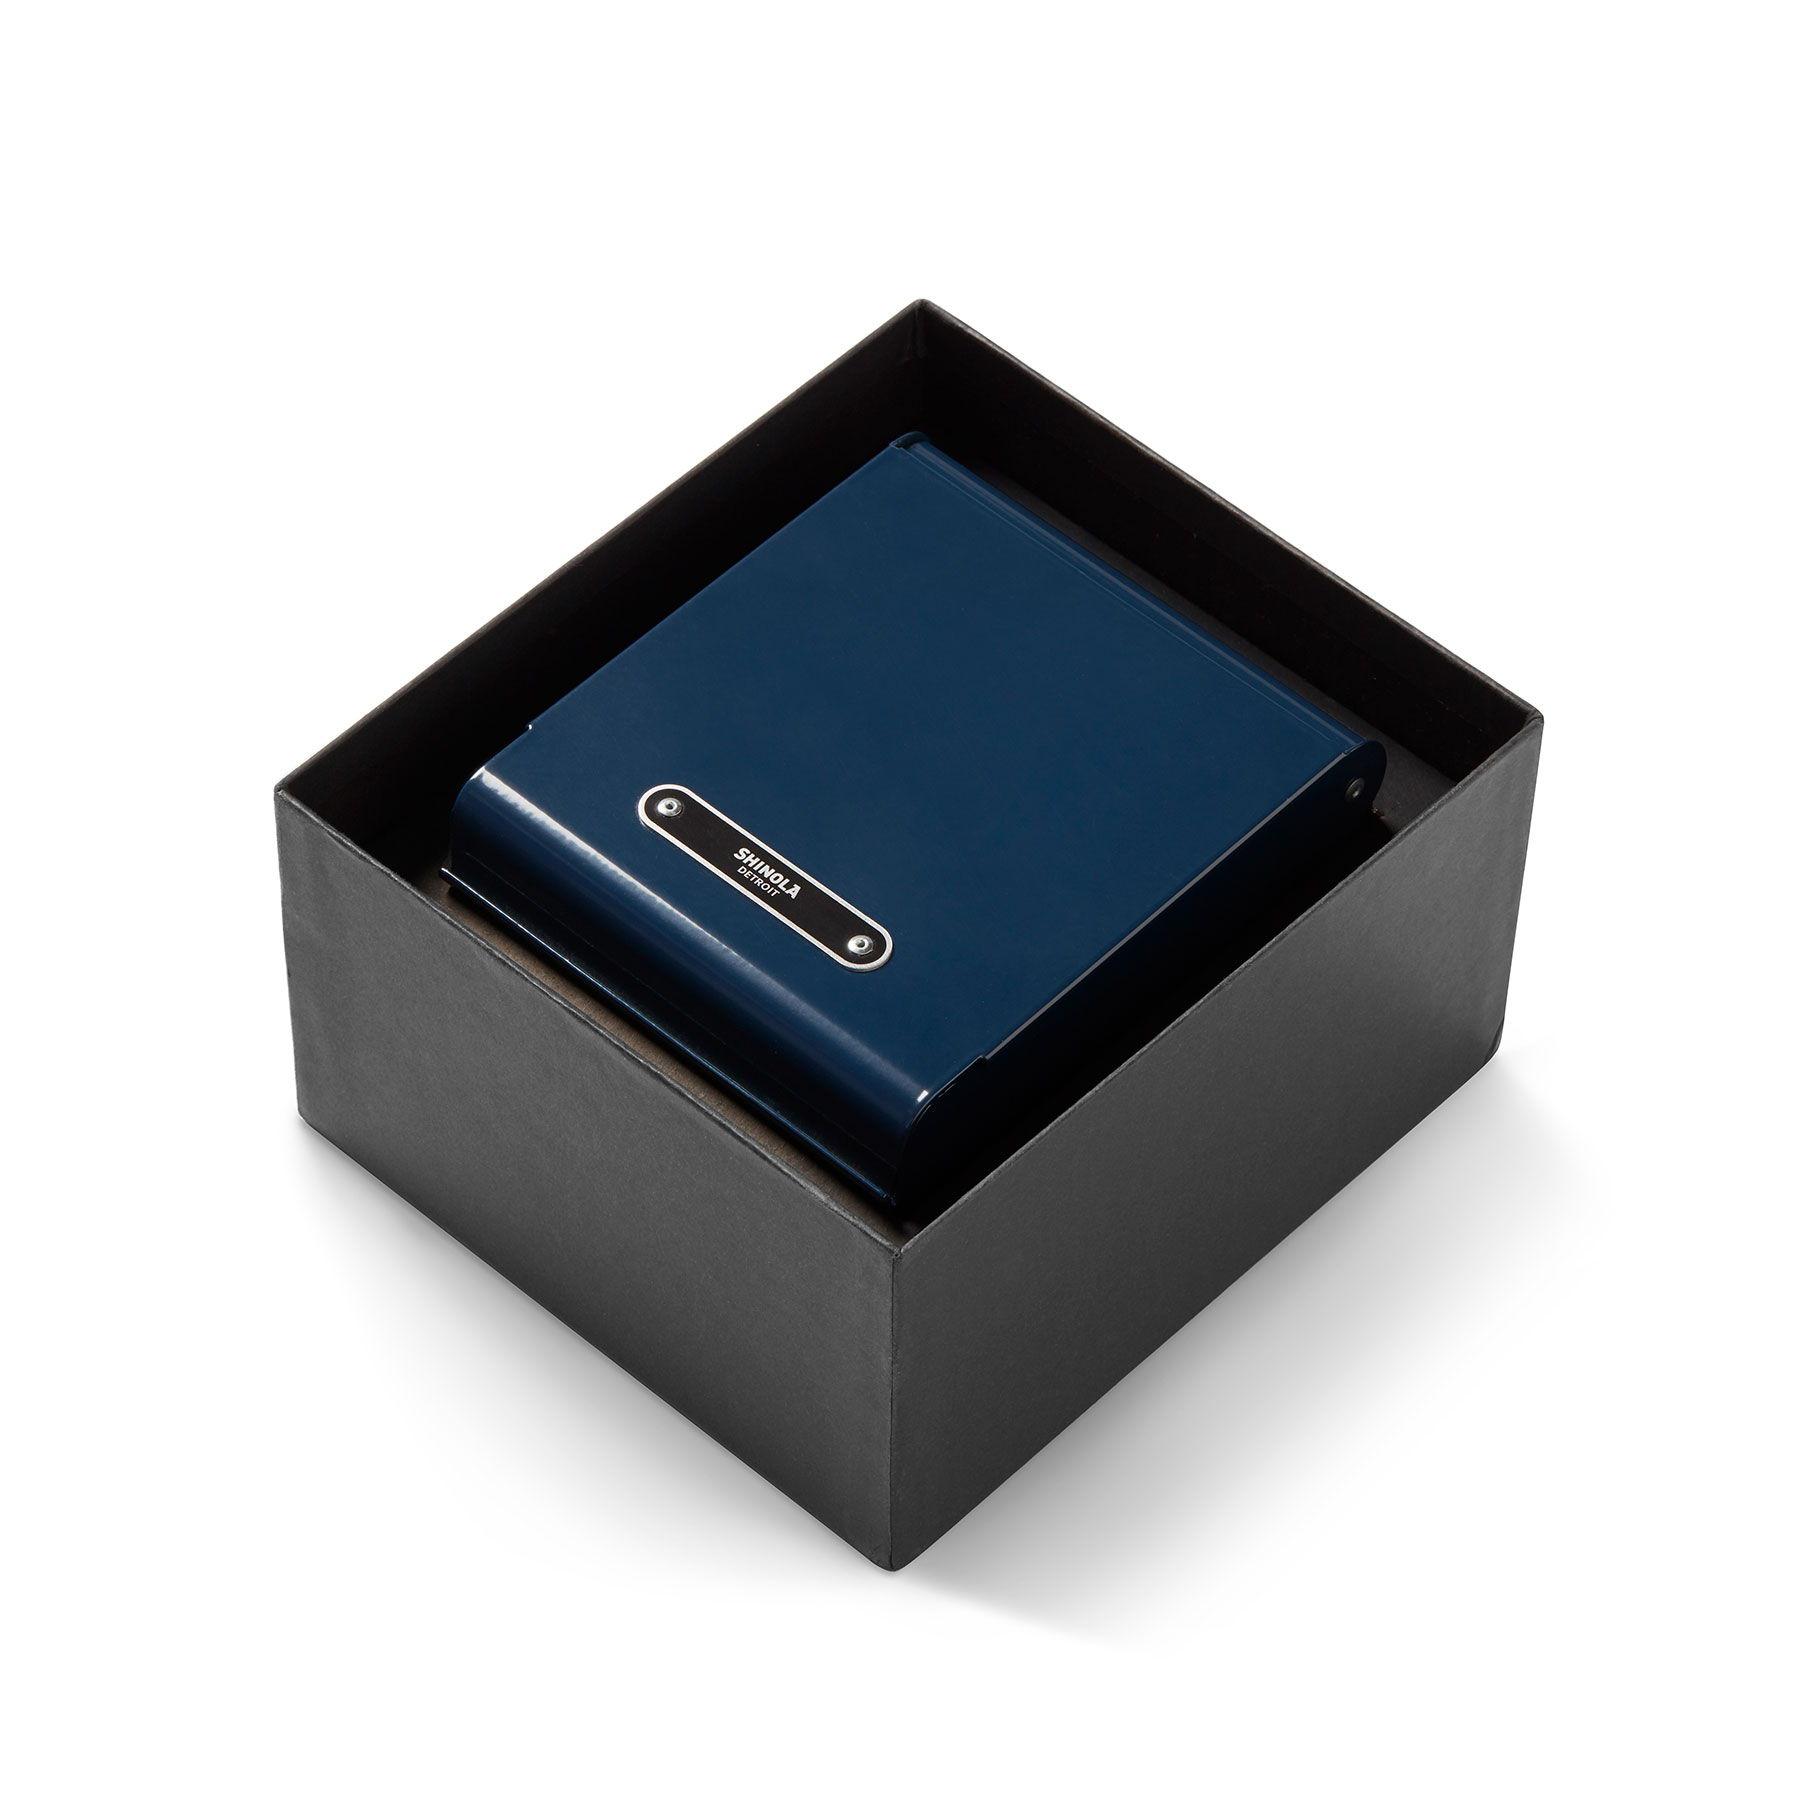 S0120097179_PackageBox_V2.jpg